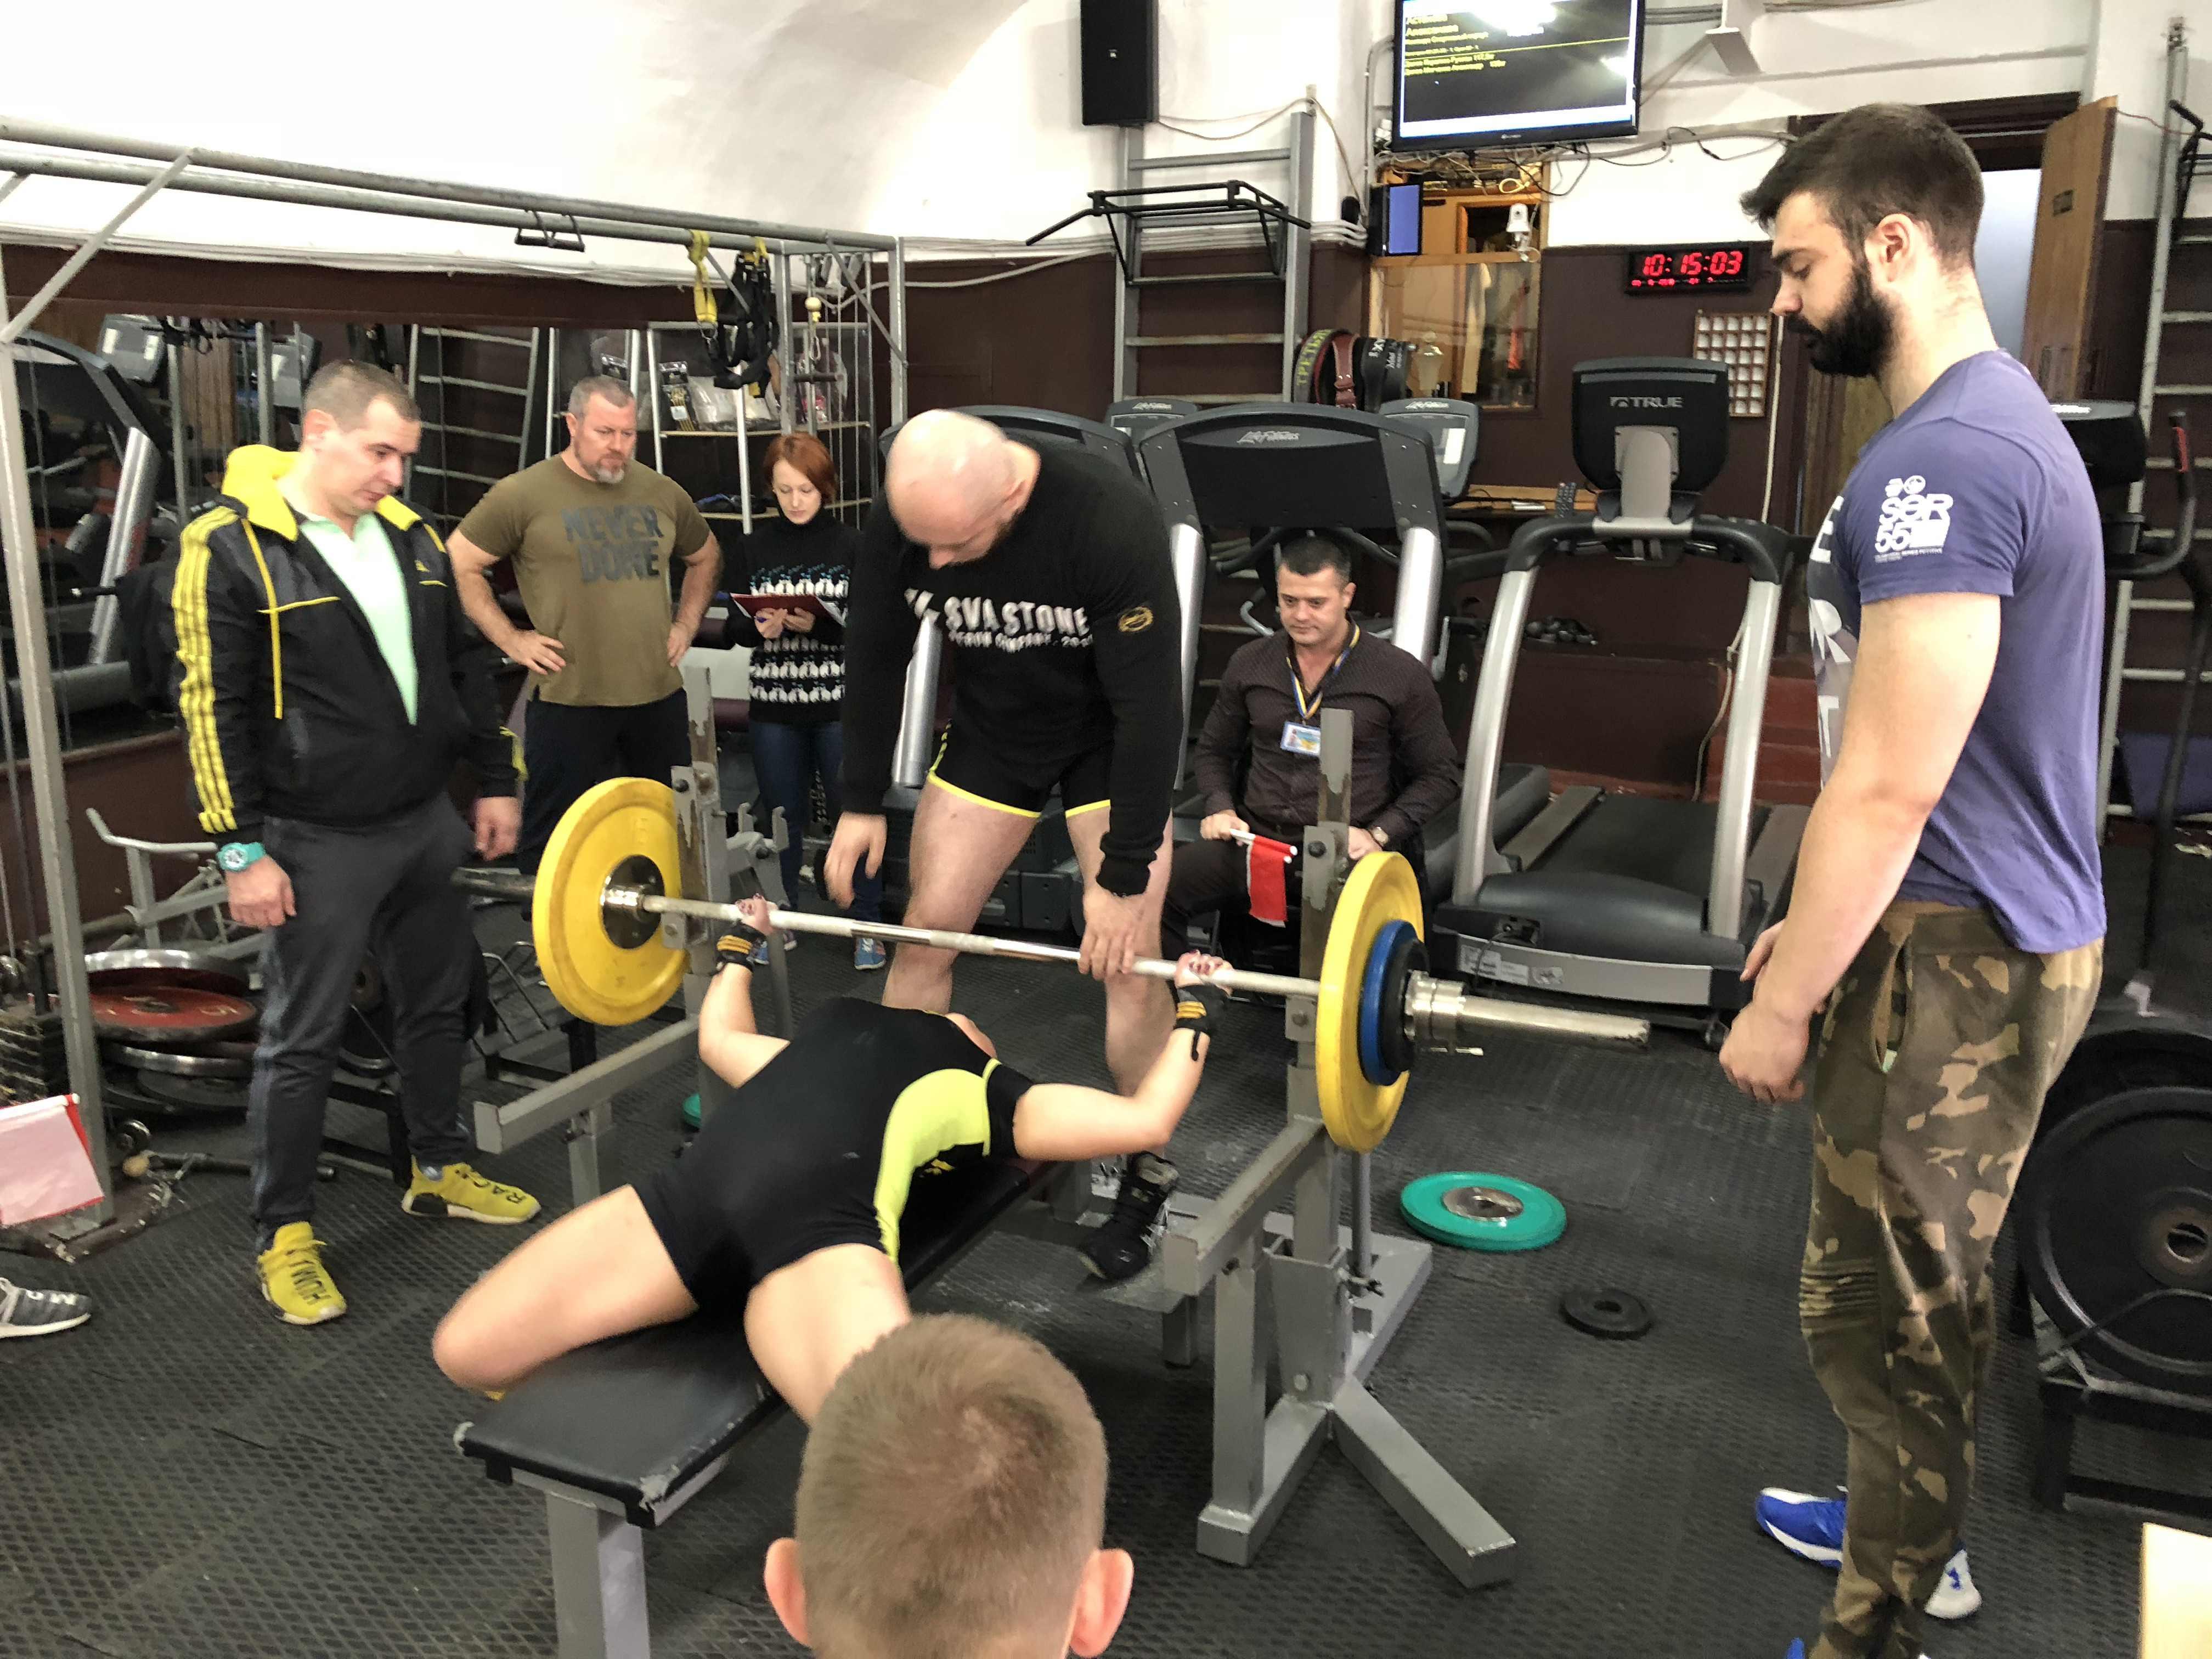 Одесской области по жиму лежа Powergym спортзал одесса 30 сентября 49